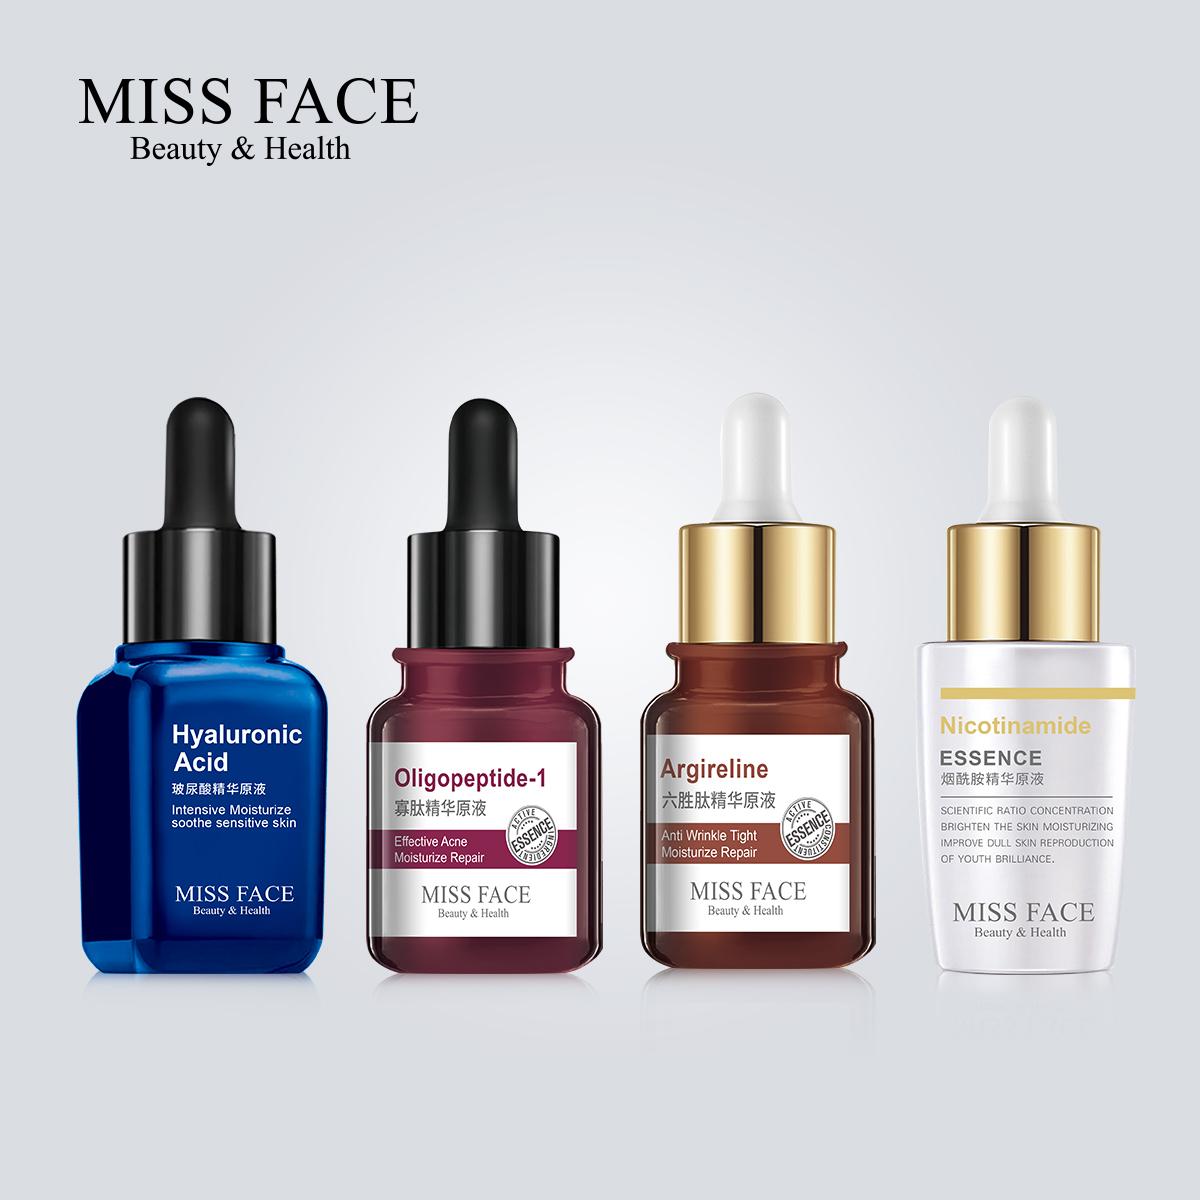 Missface面部精华液原液提亮肤色补水保湿去痘印提拉紧致淡化细纹